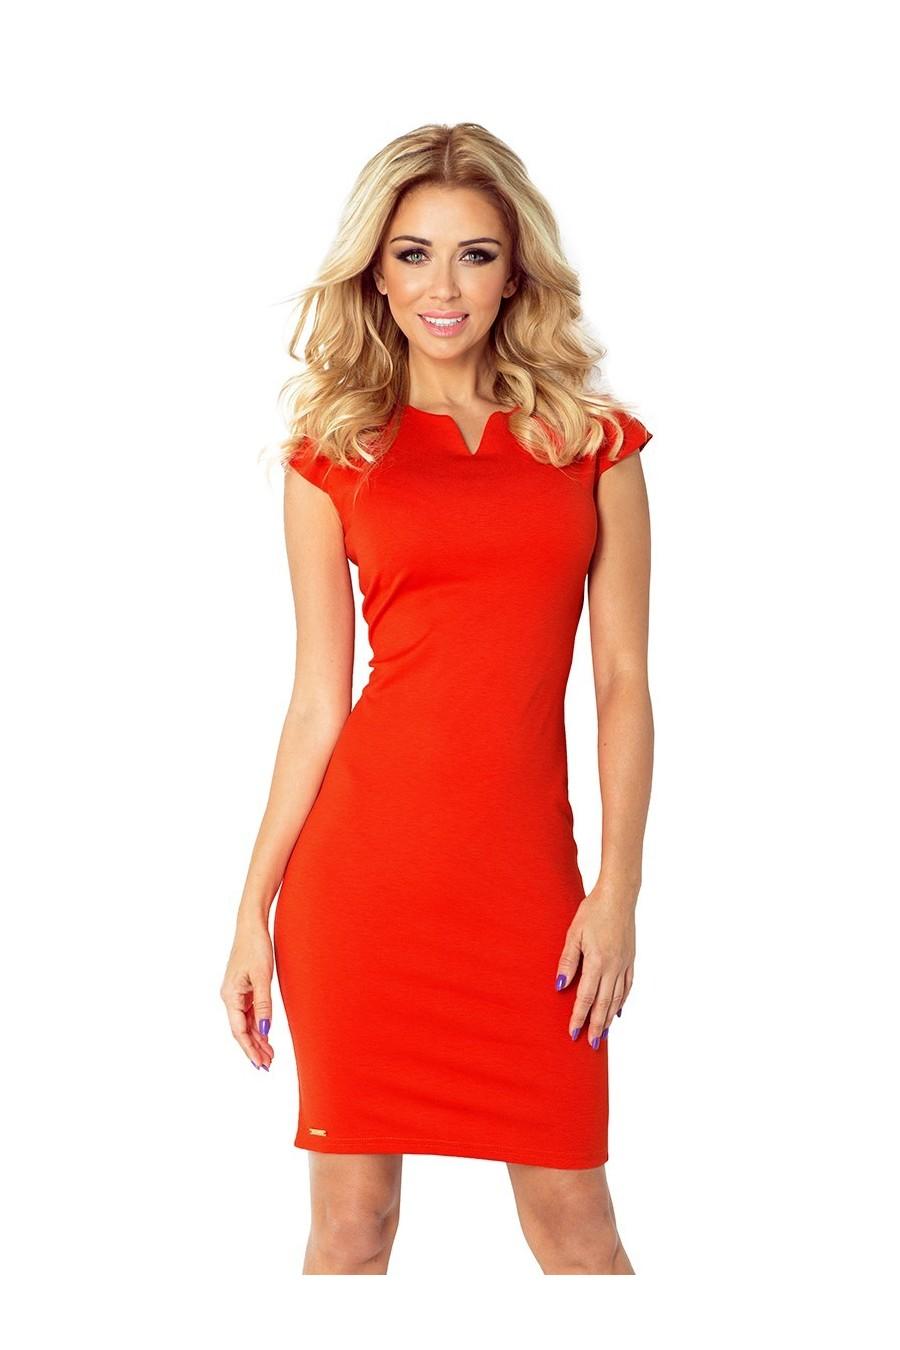 132-4 šaty se štěrbinou - oranžový